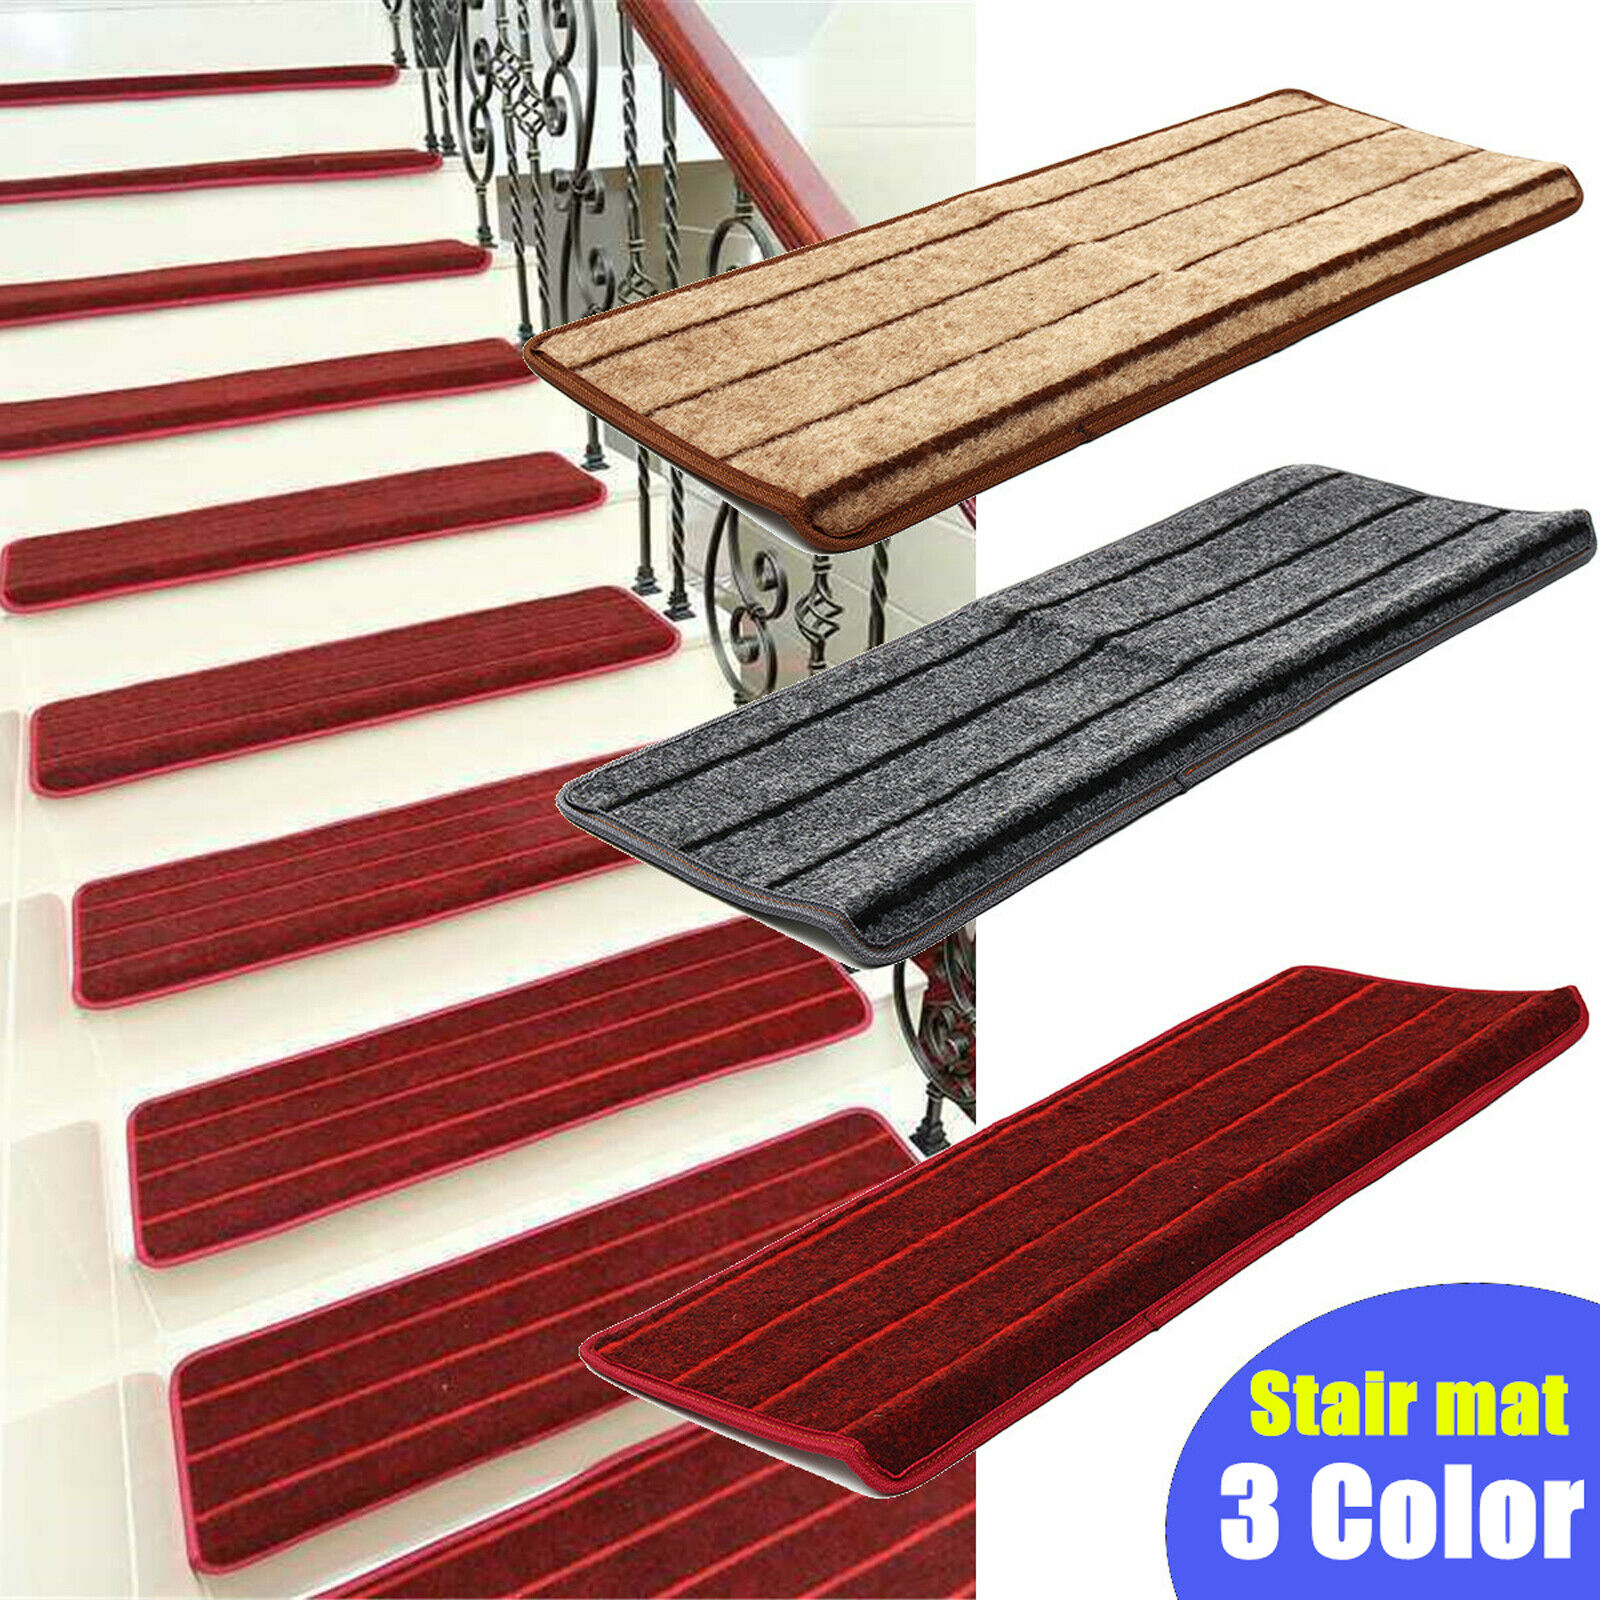 Non Slip Skid Self Adhesive Stair Tread Carpet Staircase Step Mat Rug Cover Pad No Glue 1pc Mat Aliexpress